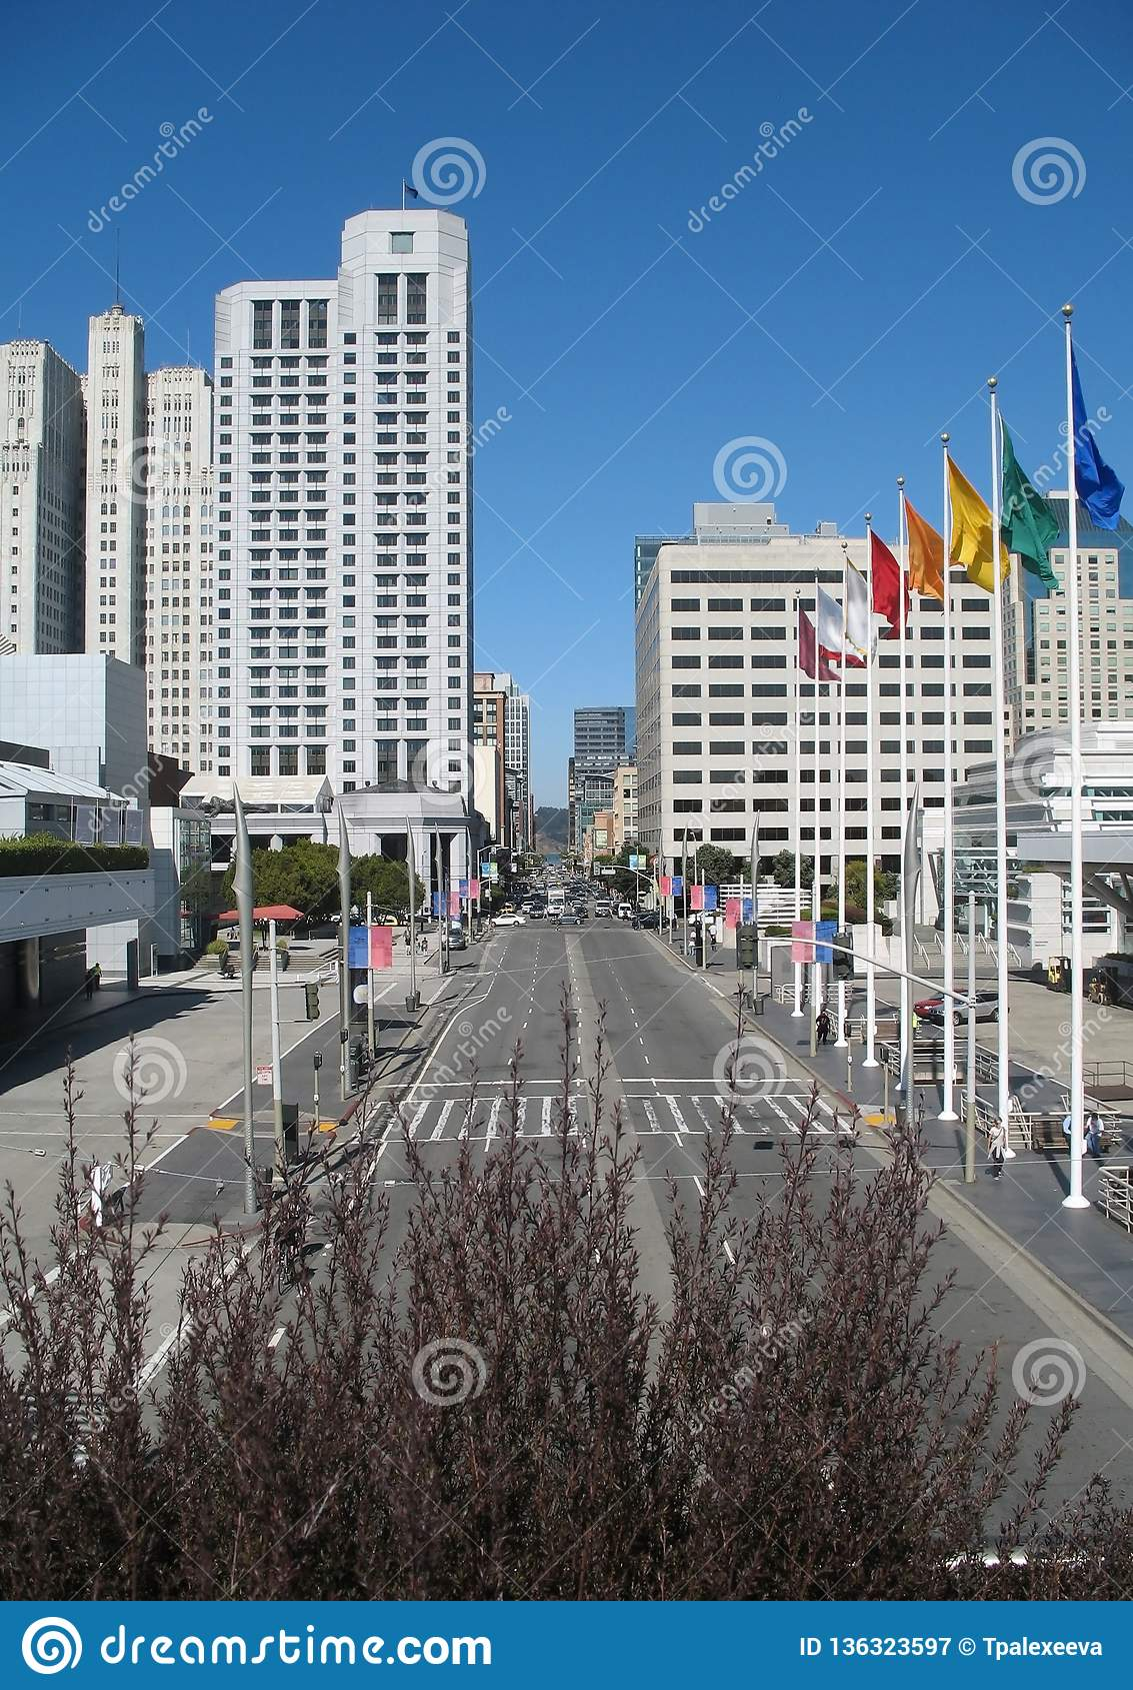 Современные улицы городского Сан-Франциско Калифорния, объединенное государство Америки